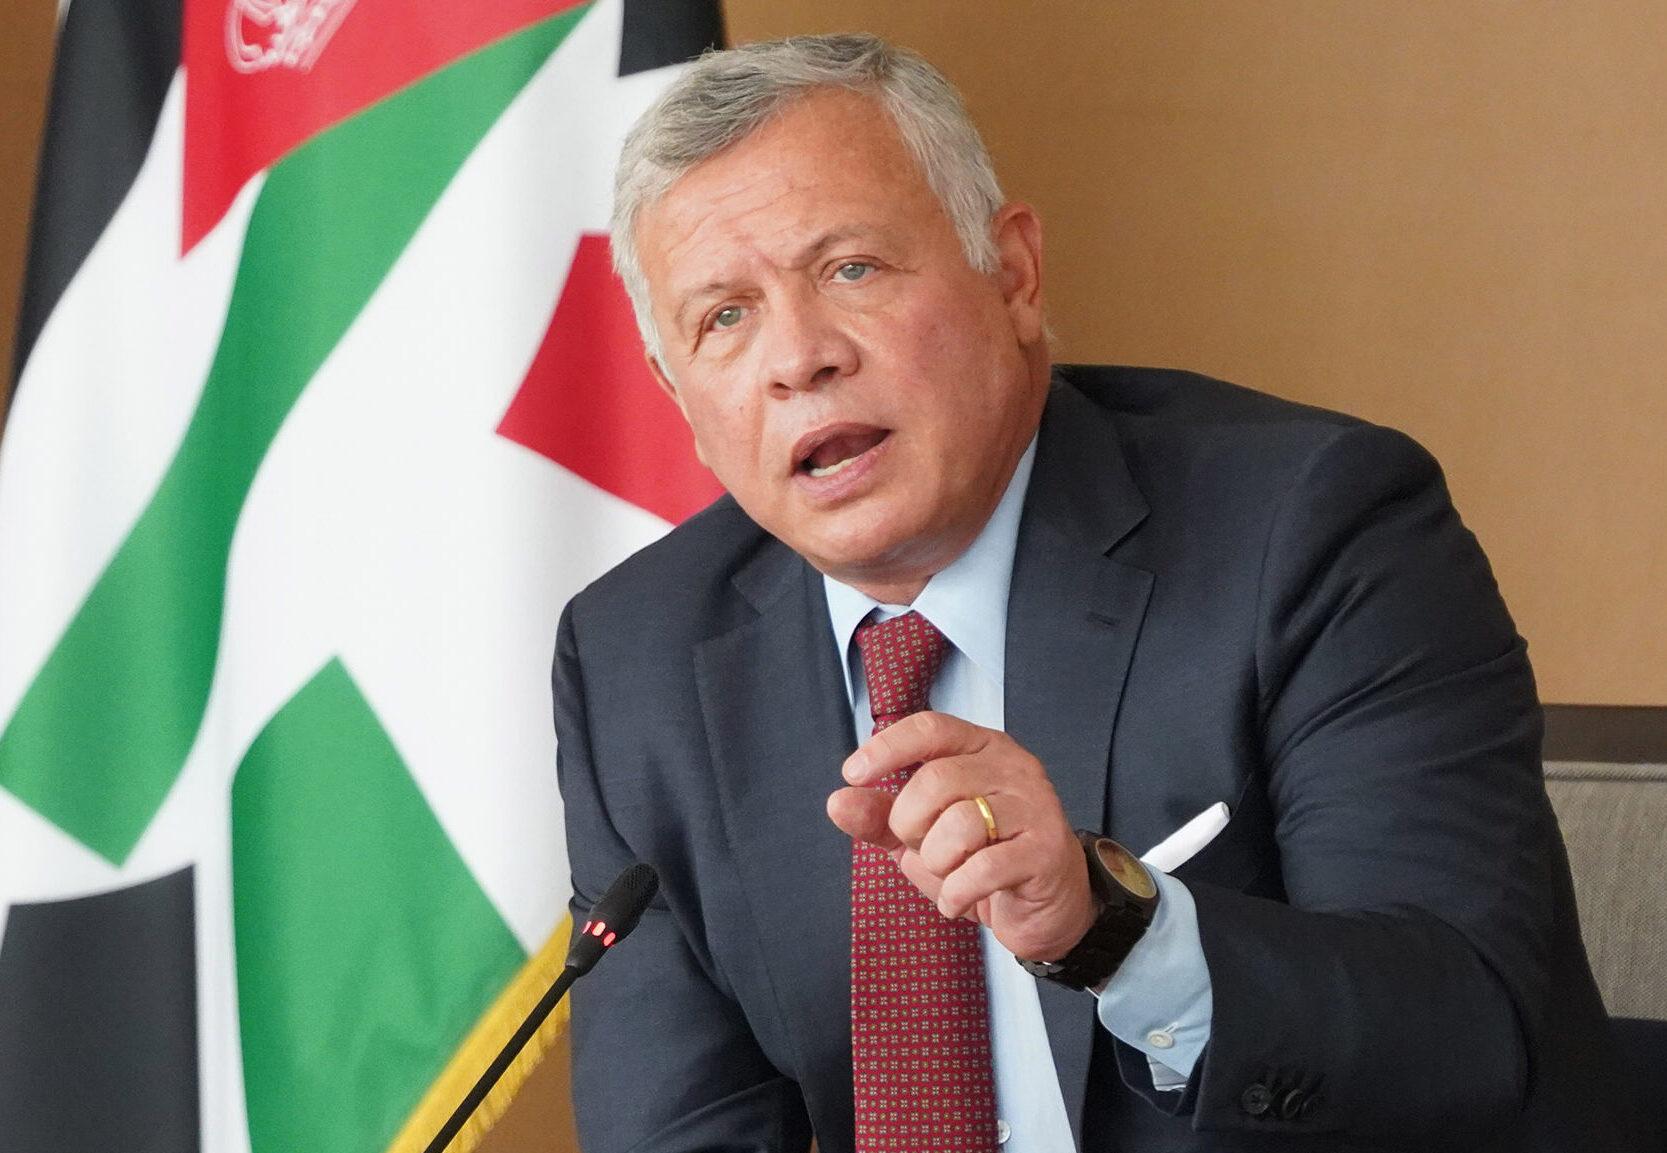 الملك: مسيرة الإصلاح في الأردن ممتدة عبر تاريخ الدولة ومستمرون بها في المئوية الثانية